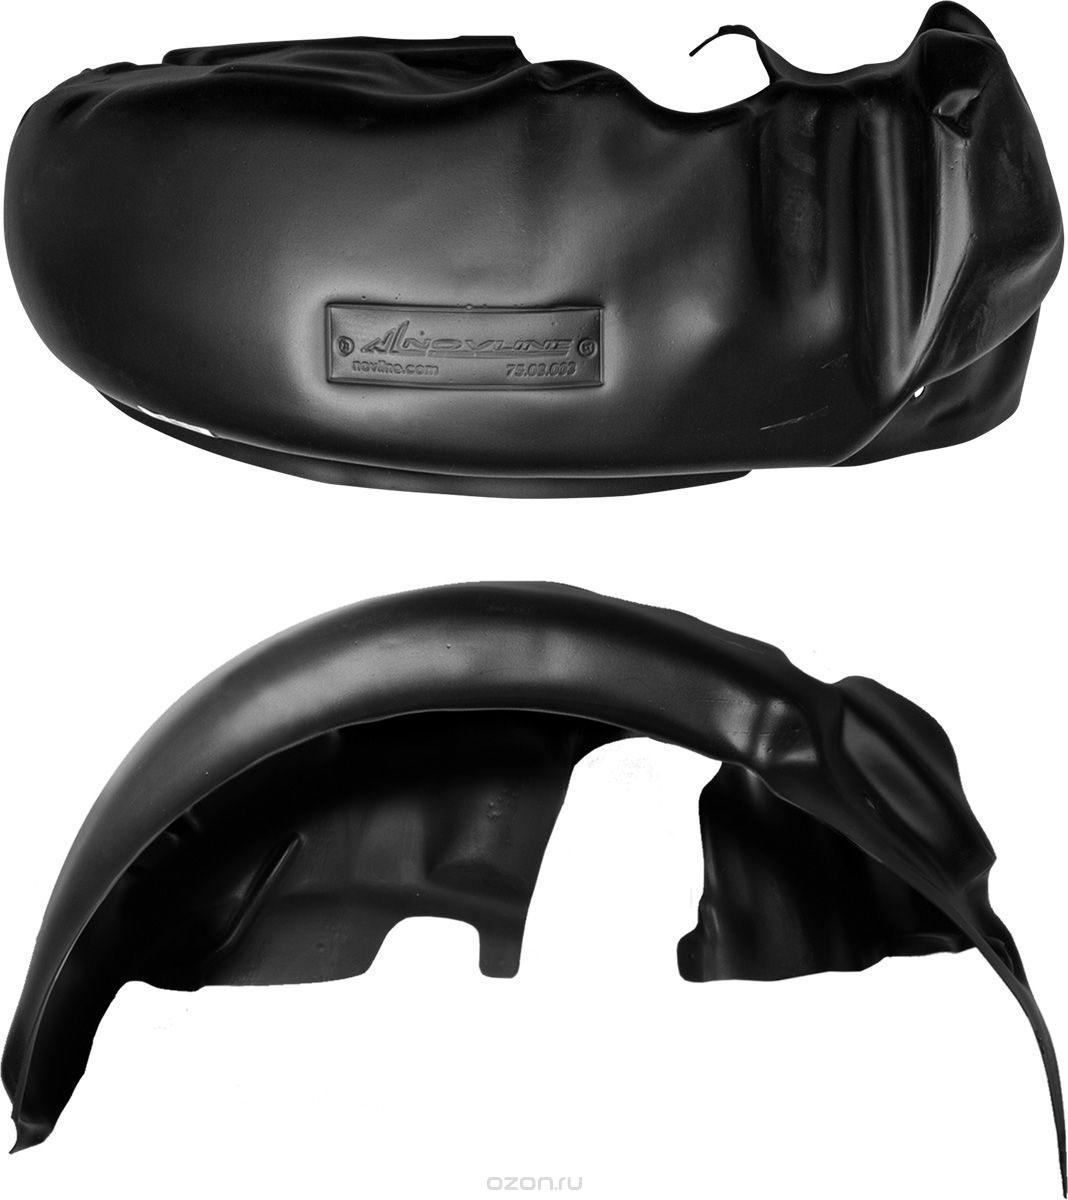 Подкрылок Novline-Autofamily, для SKODA Superb, 2013-2015, задний левый42803004Идеальная защита колесной ниши. Локеры разработаны с применением цифровых технологий, гарантируют максимальную повторяемость поверхности арки. Изделия устанавливаются без нарушения лакокрасочного покрытия автомобиля, каждый подкрылок комплектуется крепежом. Уважаемые клиенты, обращаем ваше внимание, что фотографии на подкрылки универсальные и не отражают реальную форму изделия. При этом само изделие идет точно под размер указанного автомобиля.